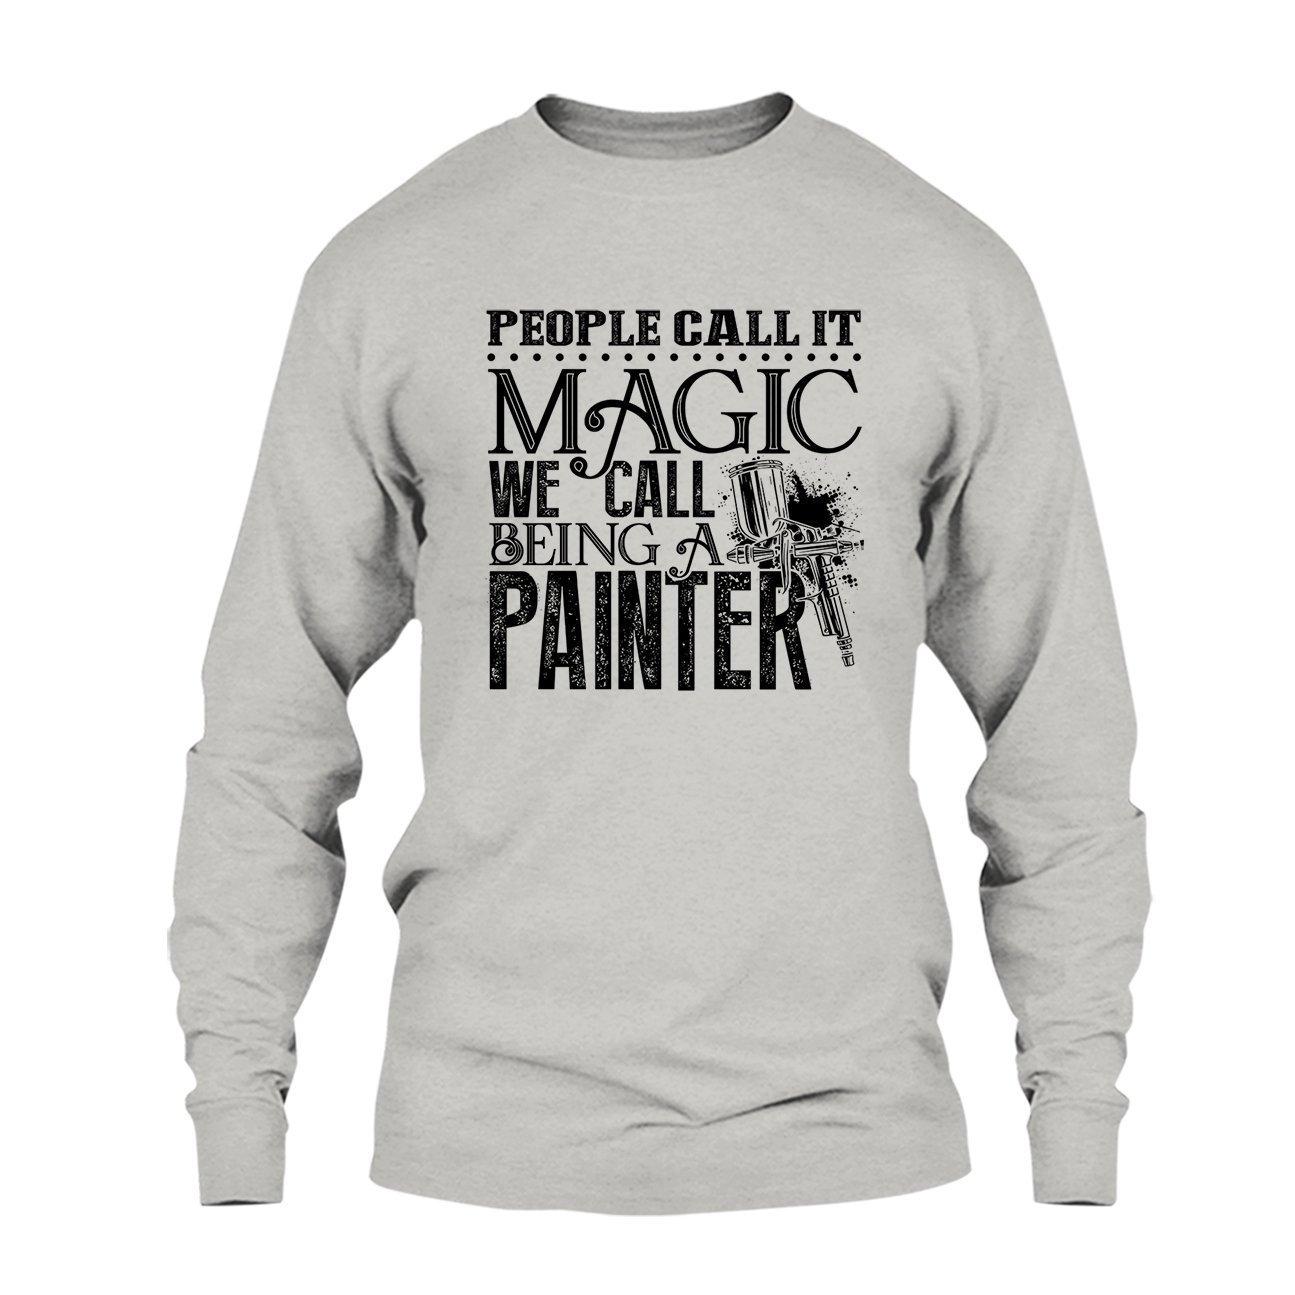 Tee Shirt Being A Painter Shirt Mens Shirt